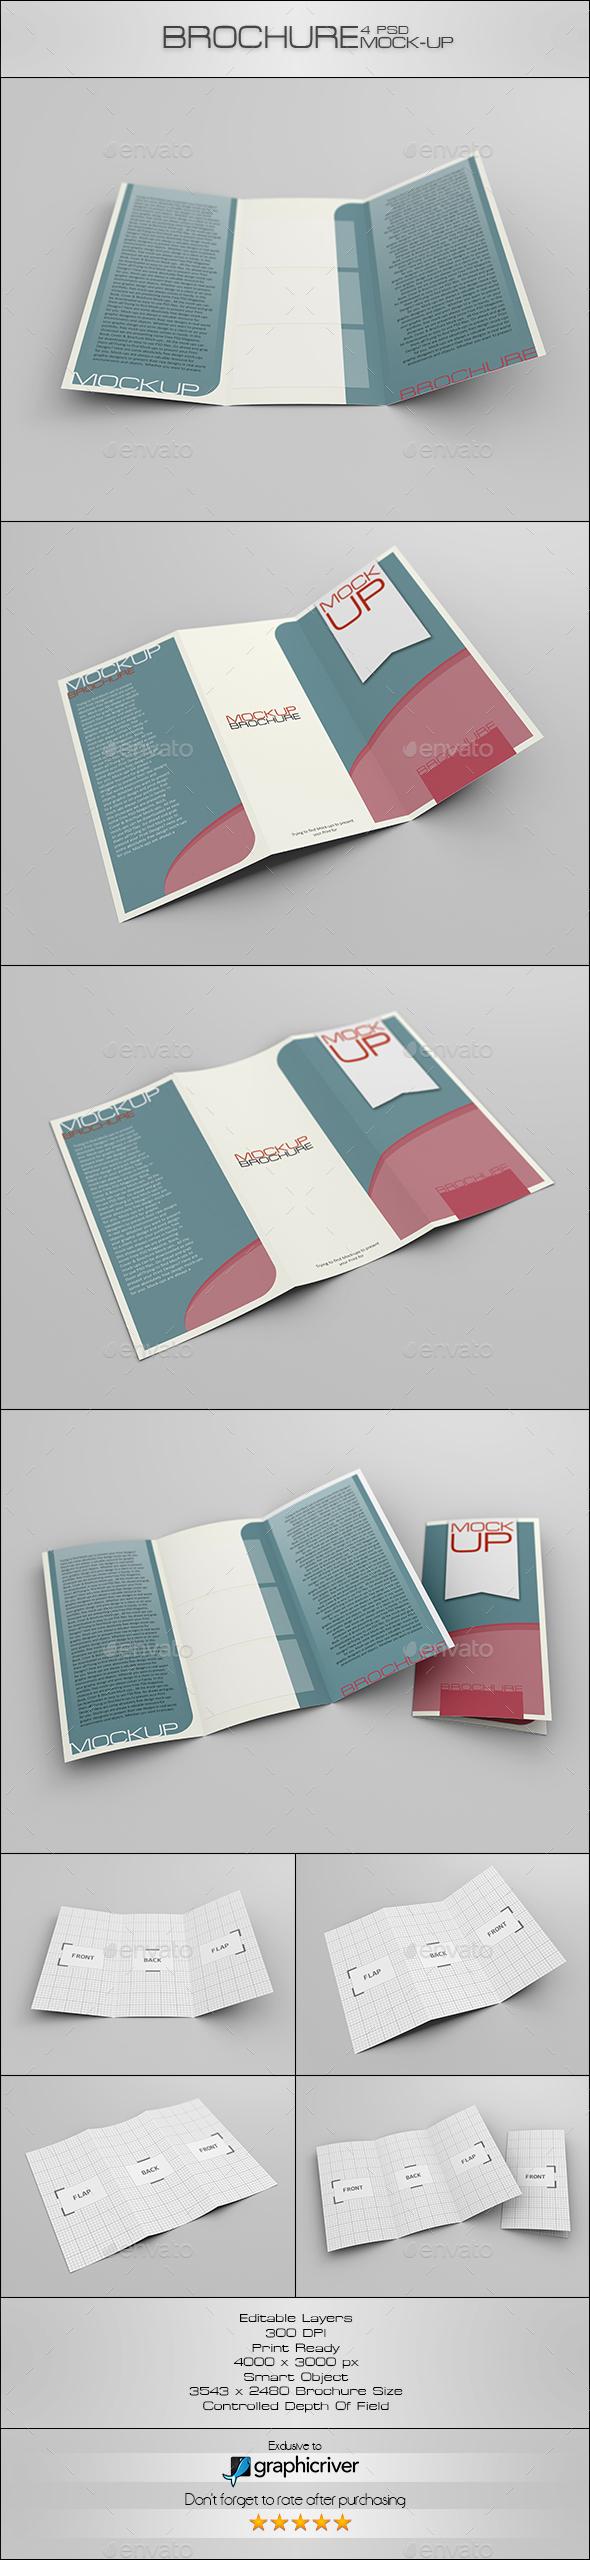 Brochure - Brochures Print